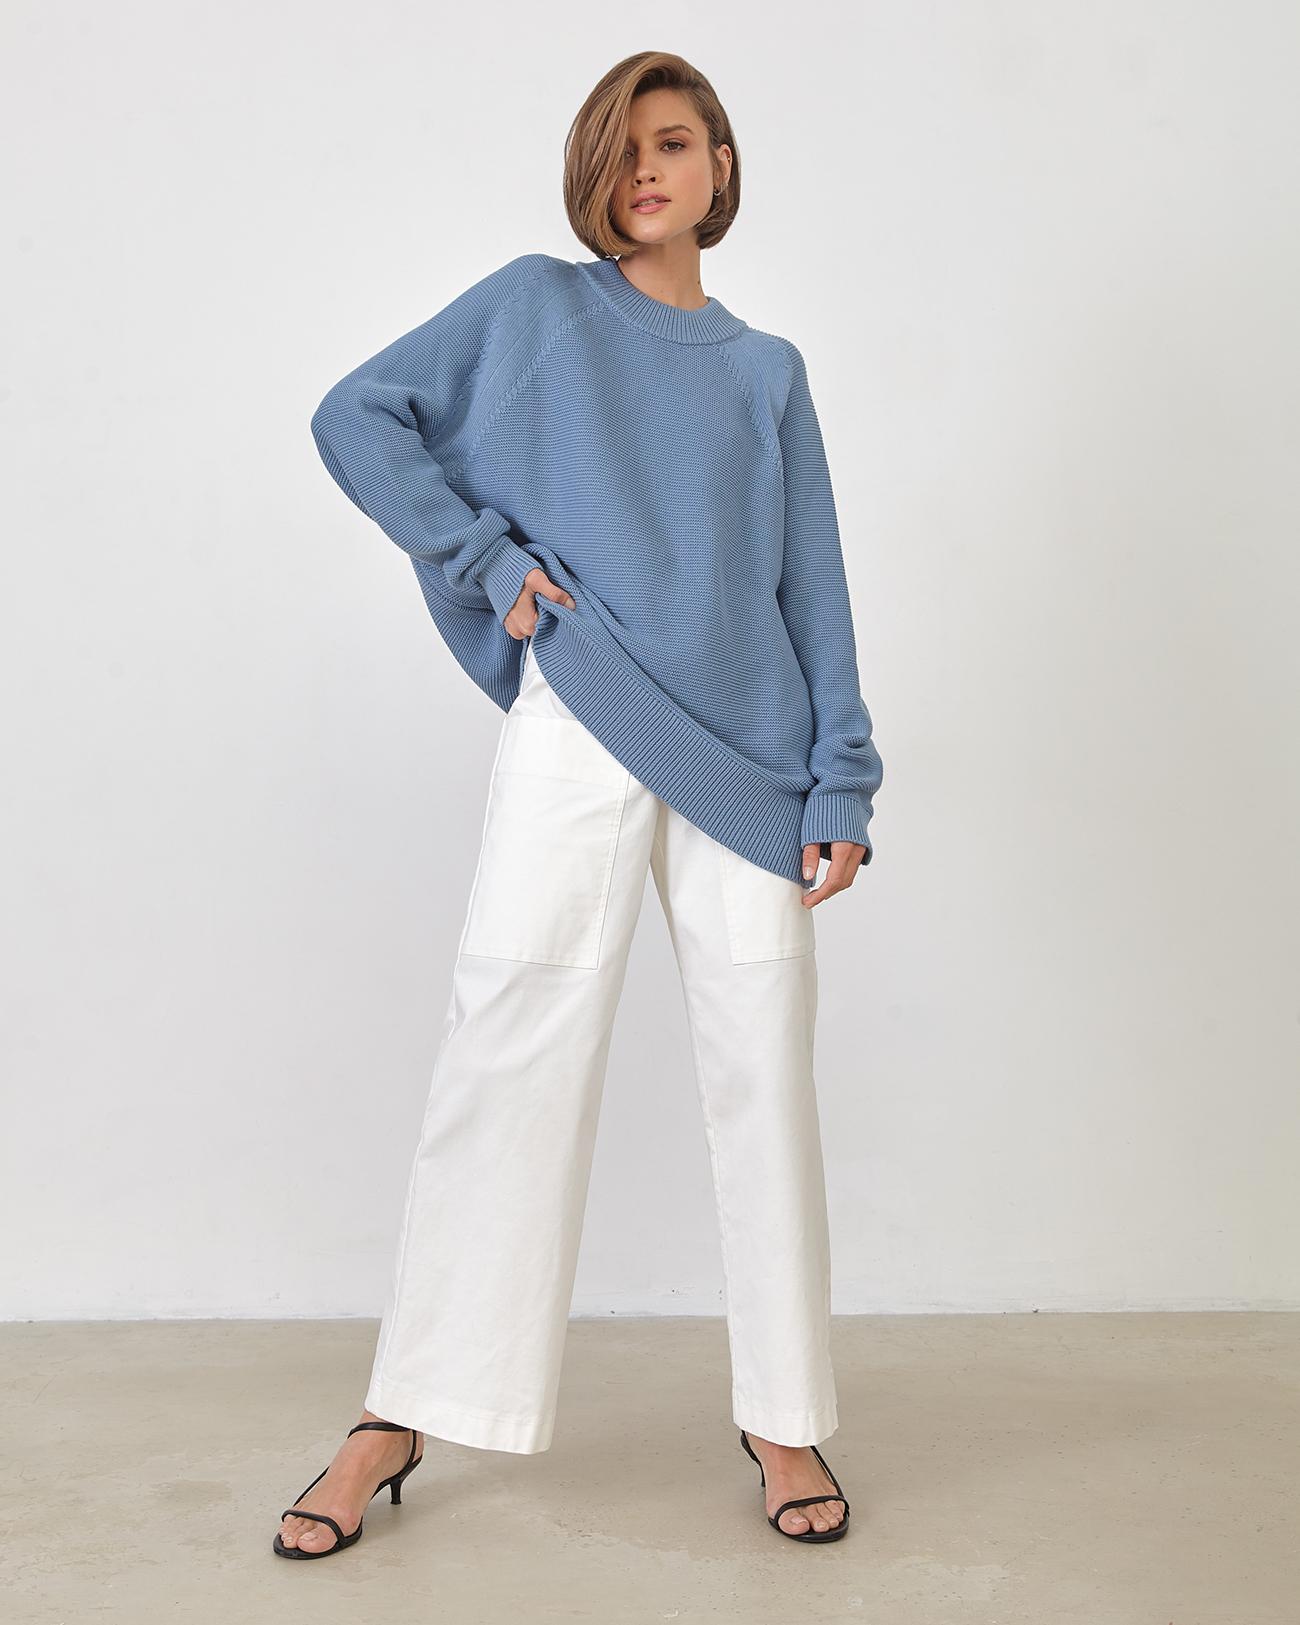 Джемпер из хлопка синего цвета фото